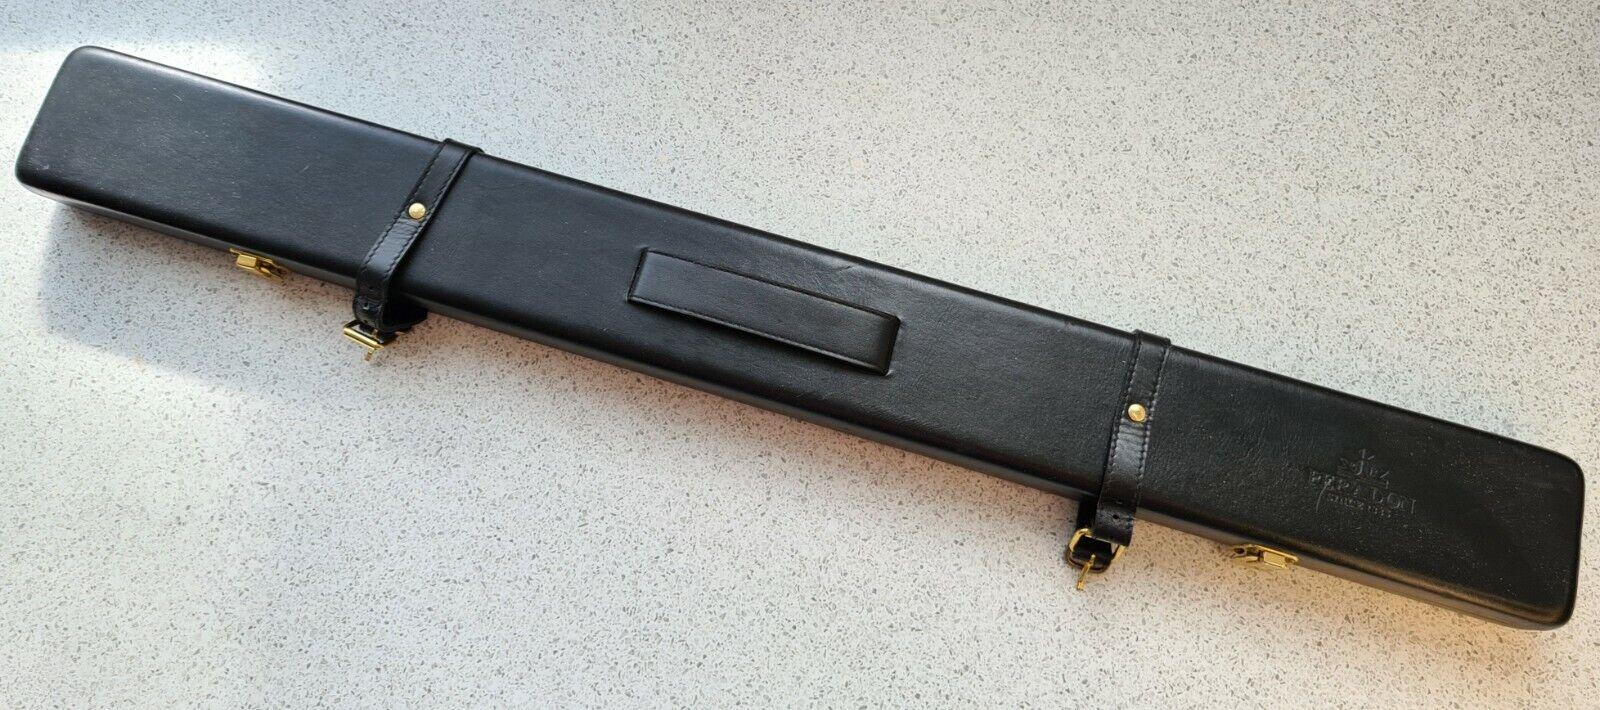 Peradon Classic cue, 2 piece with Peradon Leather case